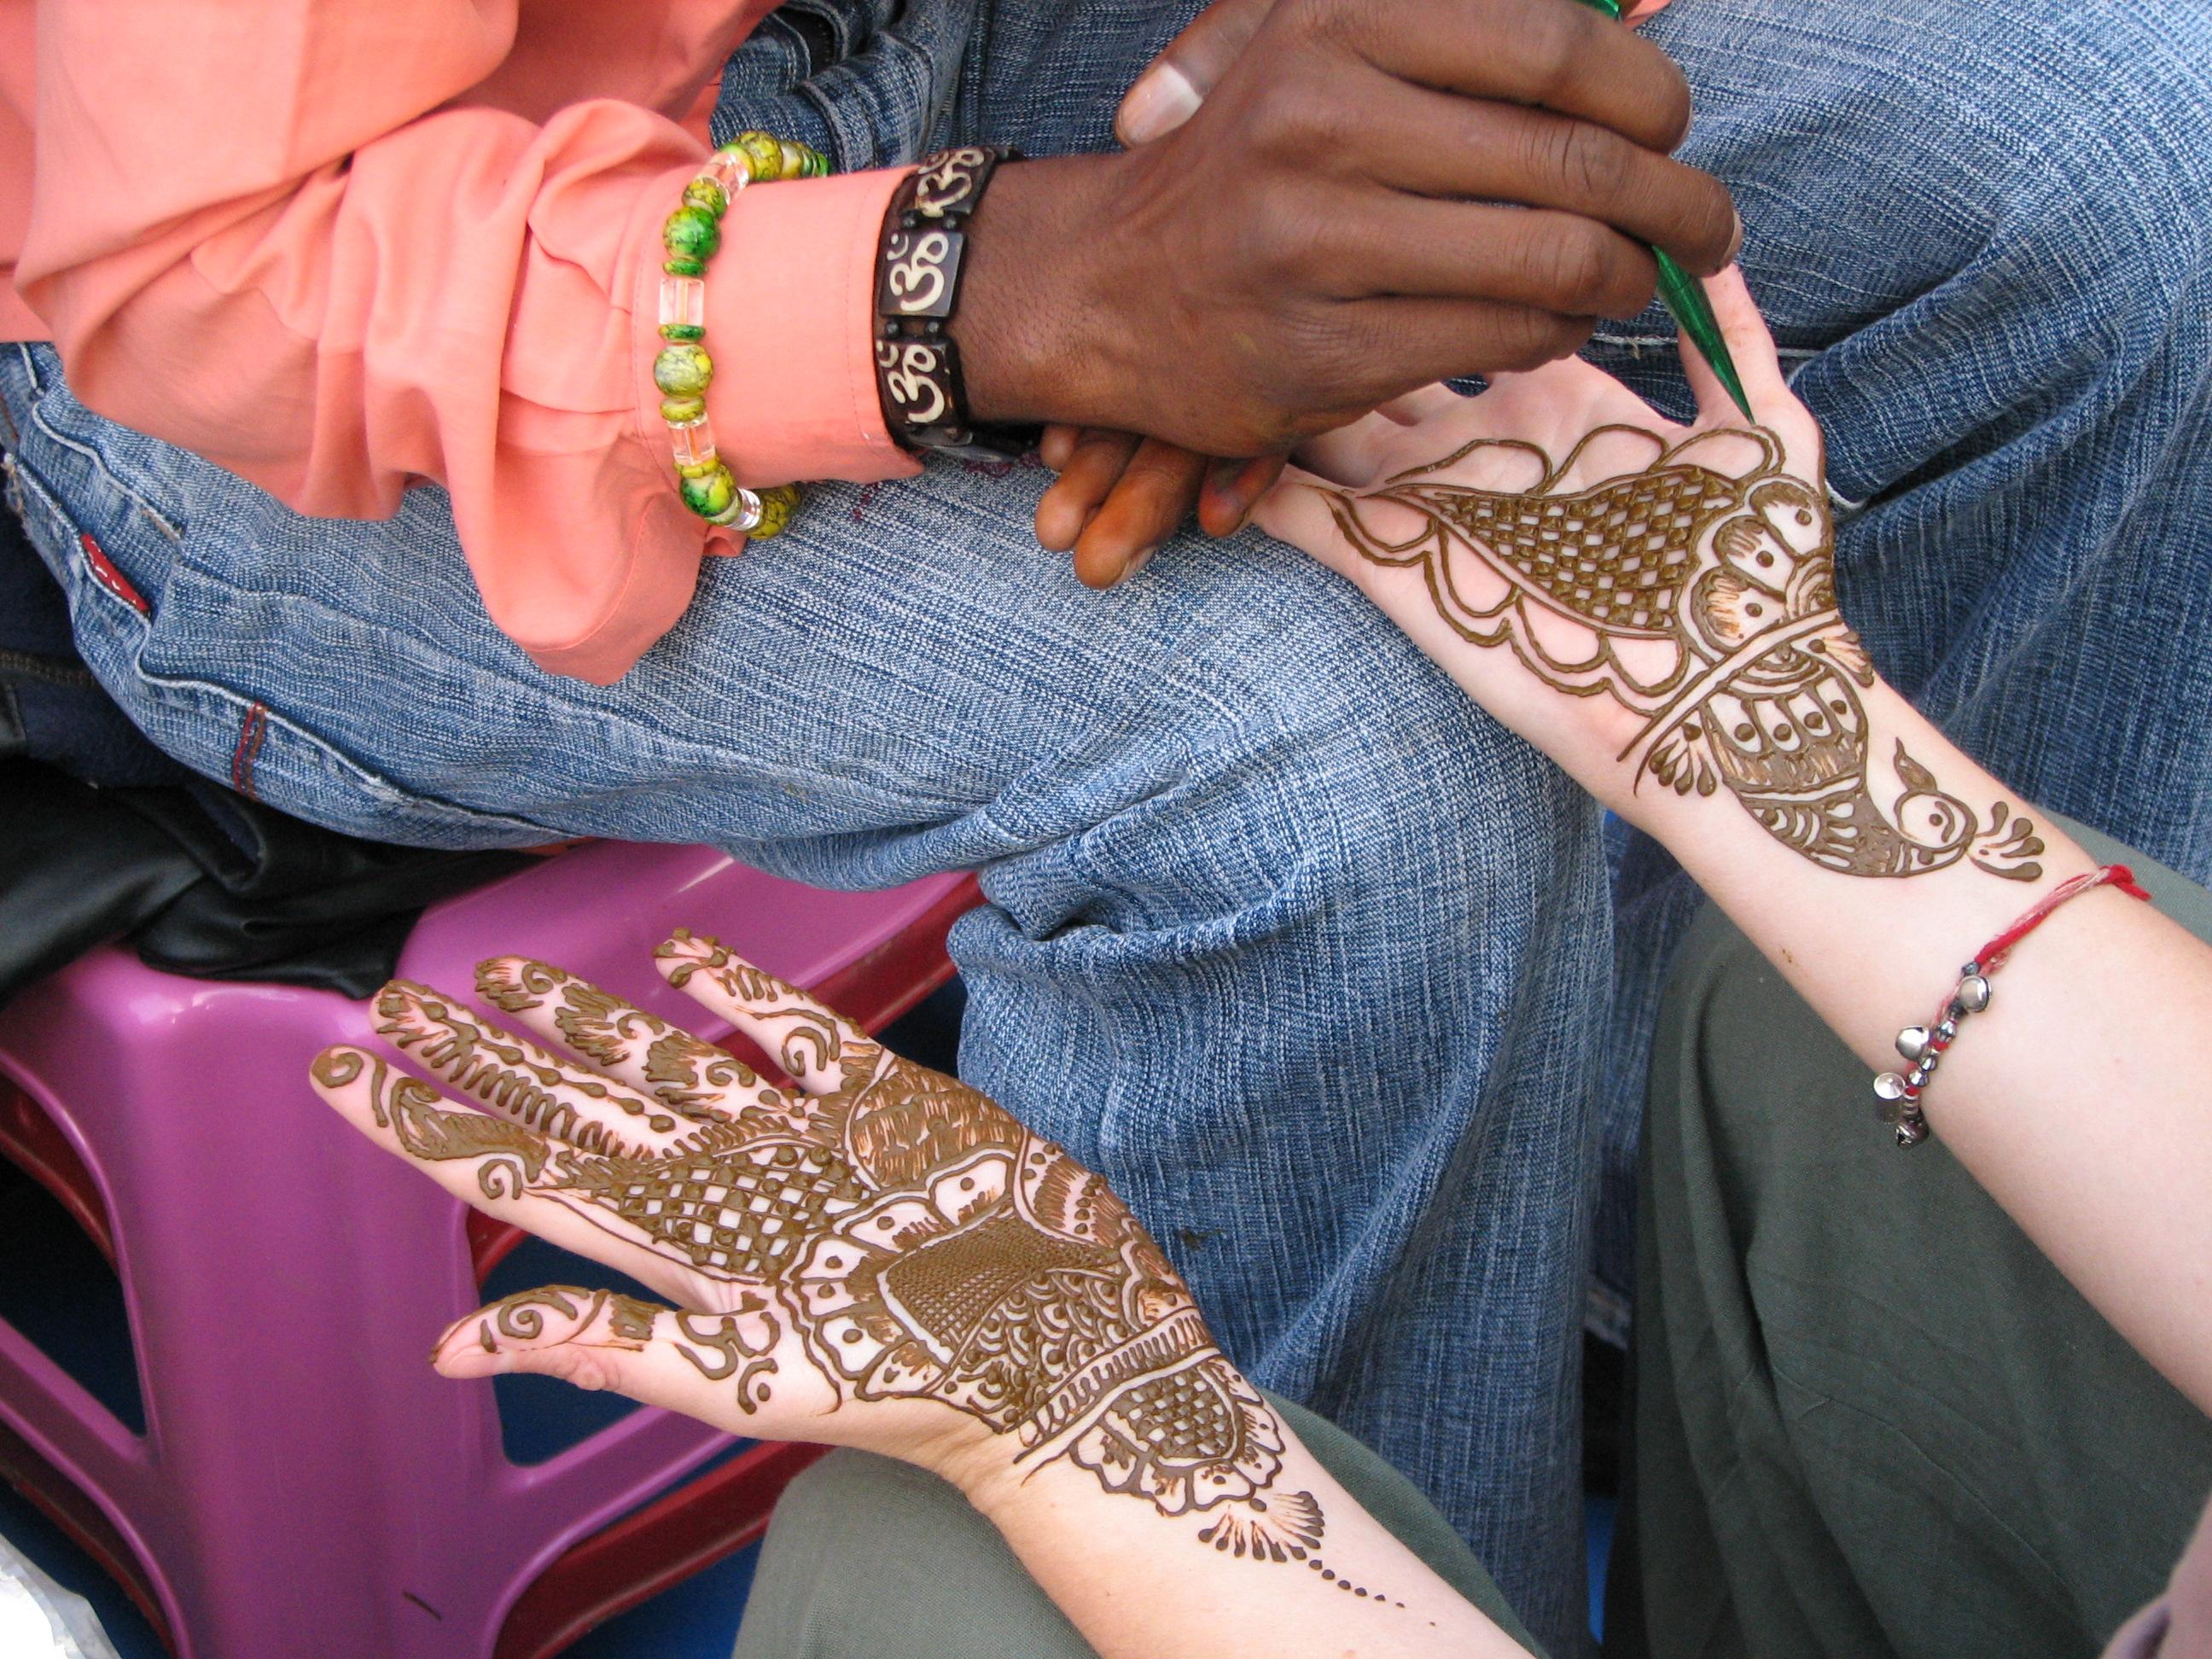 Mehenditaiteilija työssä. By McKay Savage from Chennai, India, CC-BY-2.0